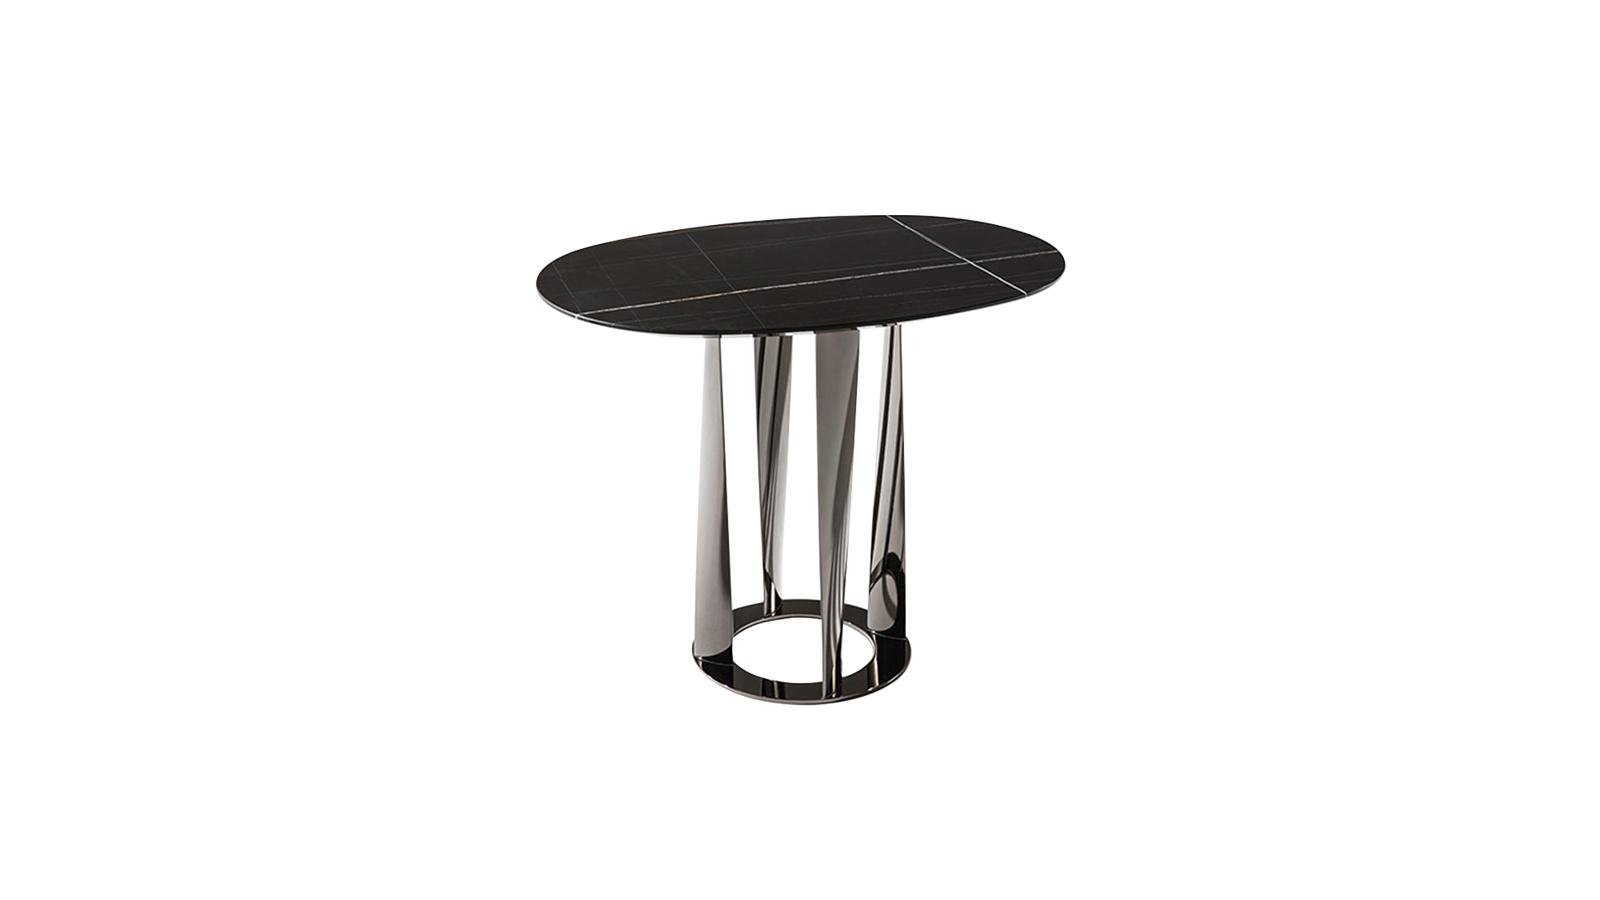 A Boboli igazi vizuális kihívás: a csavart, kuszának ható tartószerkezet és a tisztán geometrikus formák szemkápráztató párosa. A felfelé tartó, dekoratív asztallábak az olasz kertek jellegzetes társait, a futónövényeket idézik meg. A dohányzóasztal próbára teszi a képzelőerőt és a szigorú formákat, így születik egy felejthetetlen, extravagáns bútorkollekció.